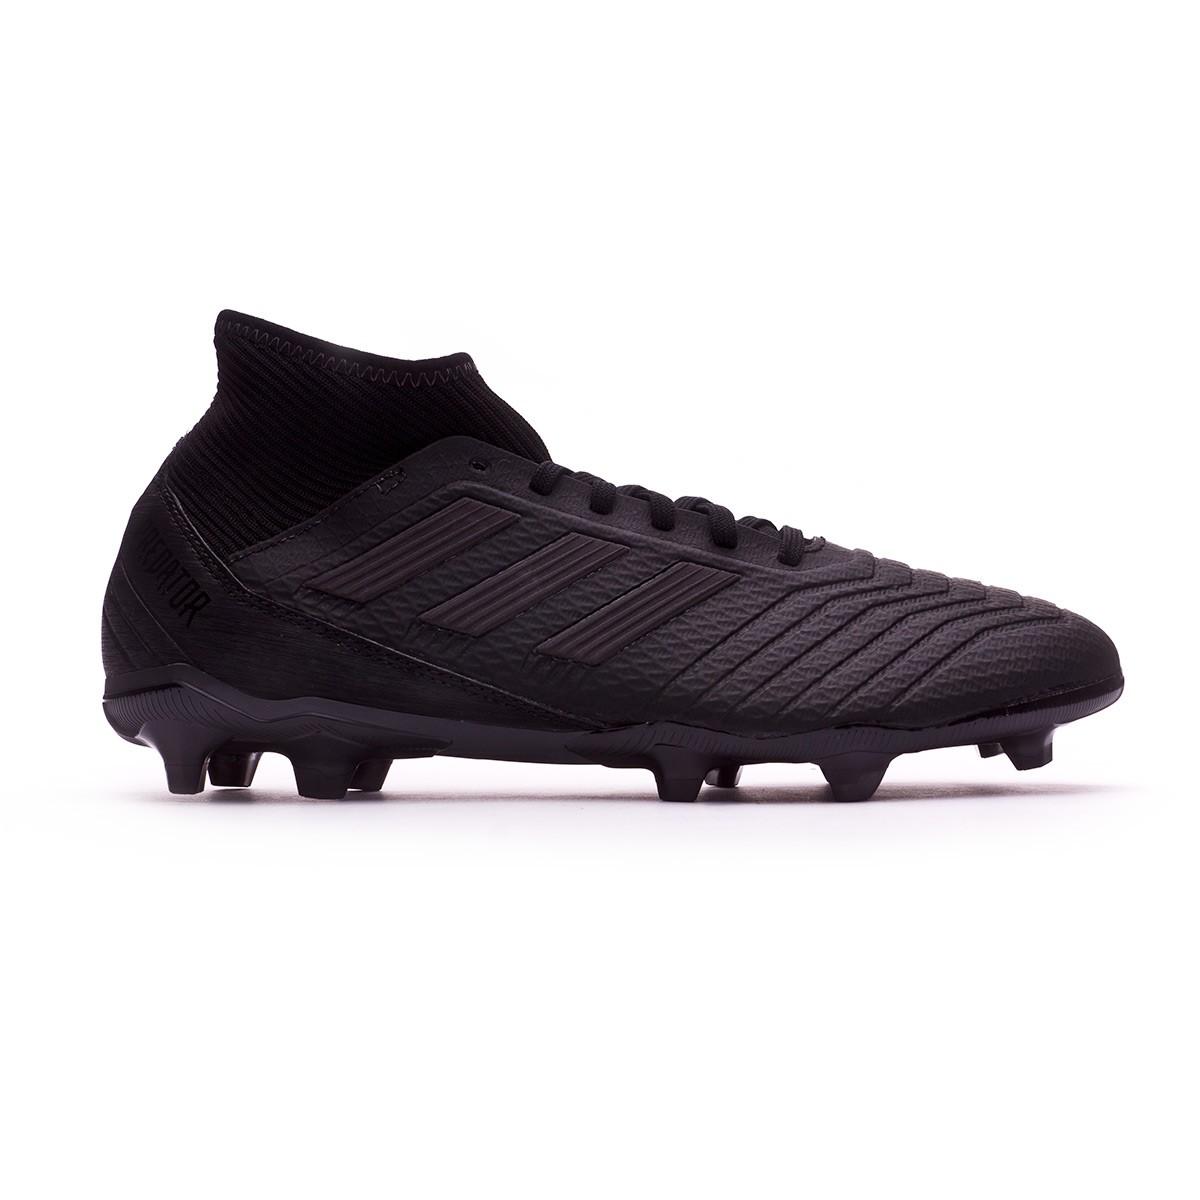 Prédateur Adidas 18,3 Fg Taquet De Football - Noyau Noir / Noyau Noir / Noir Utilité